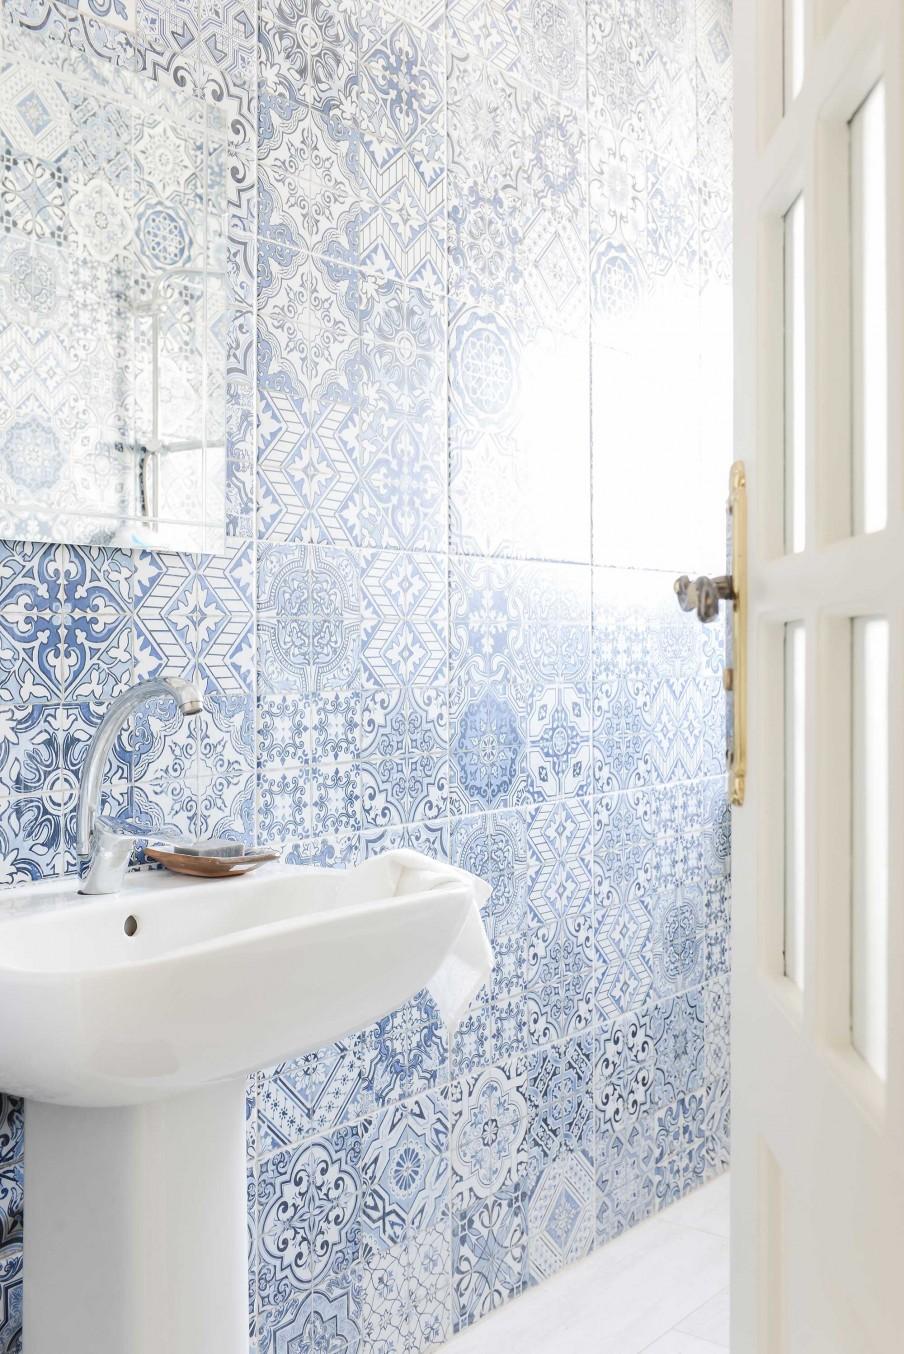 05-decoracion-de-baños